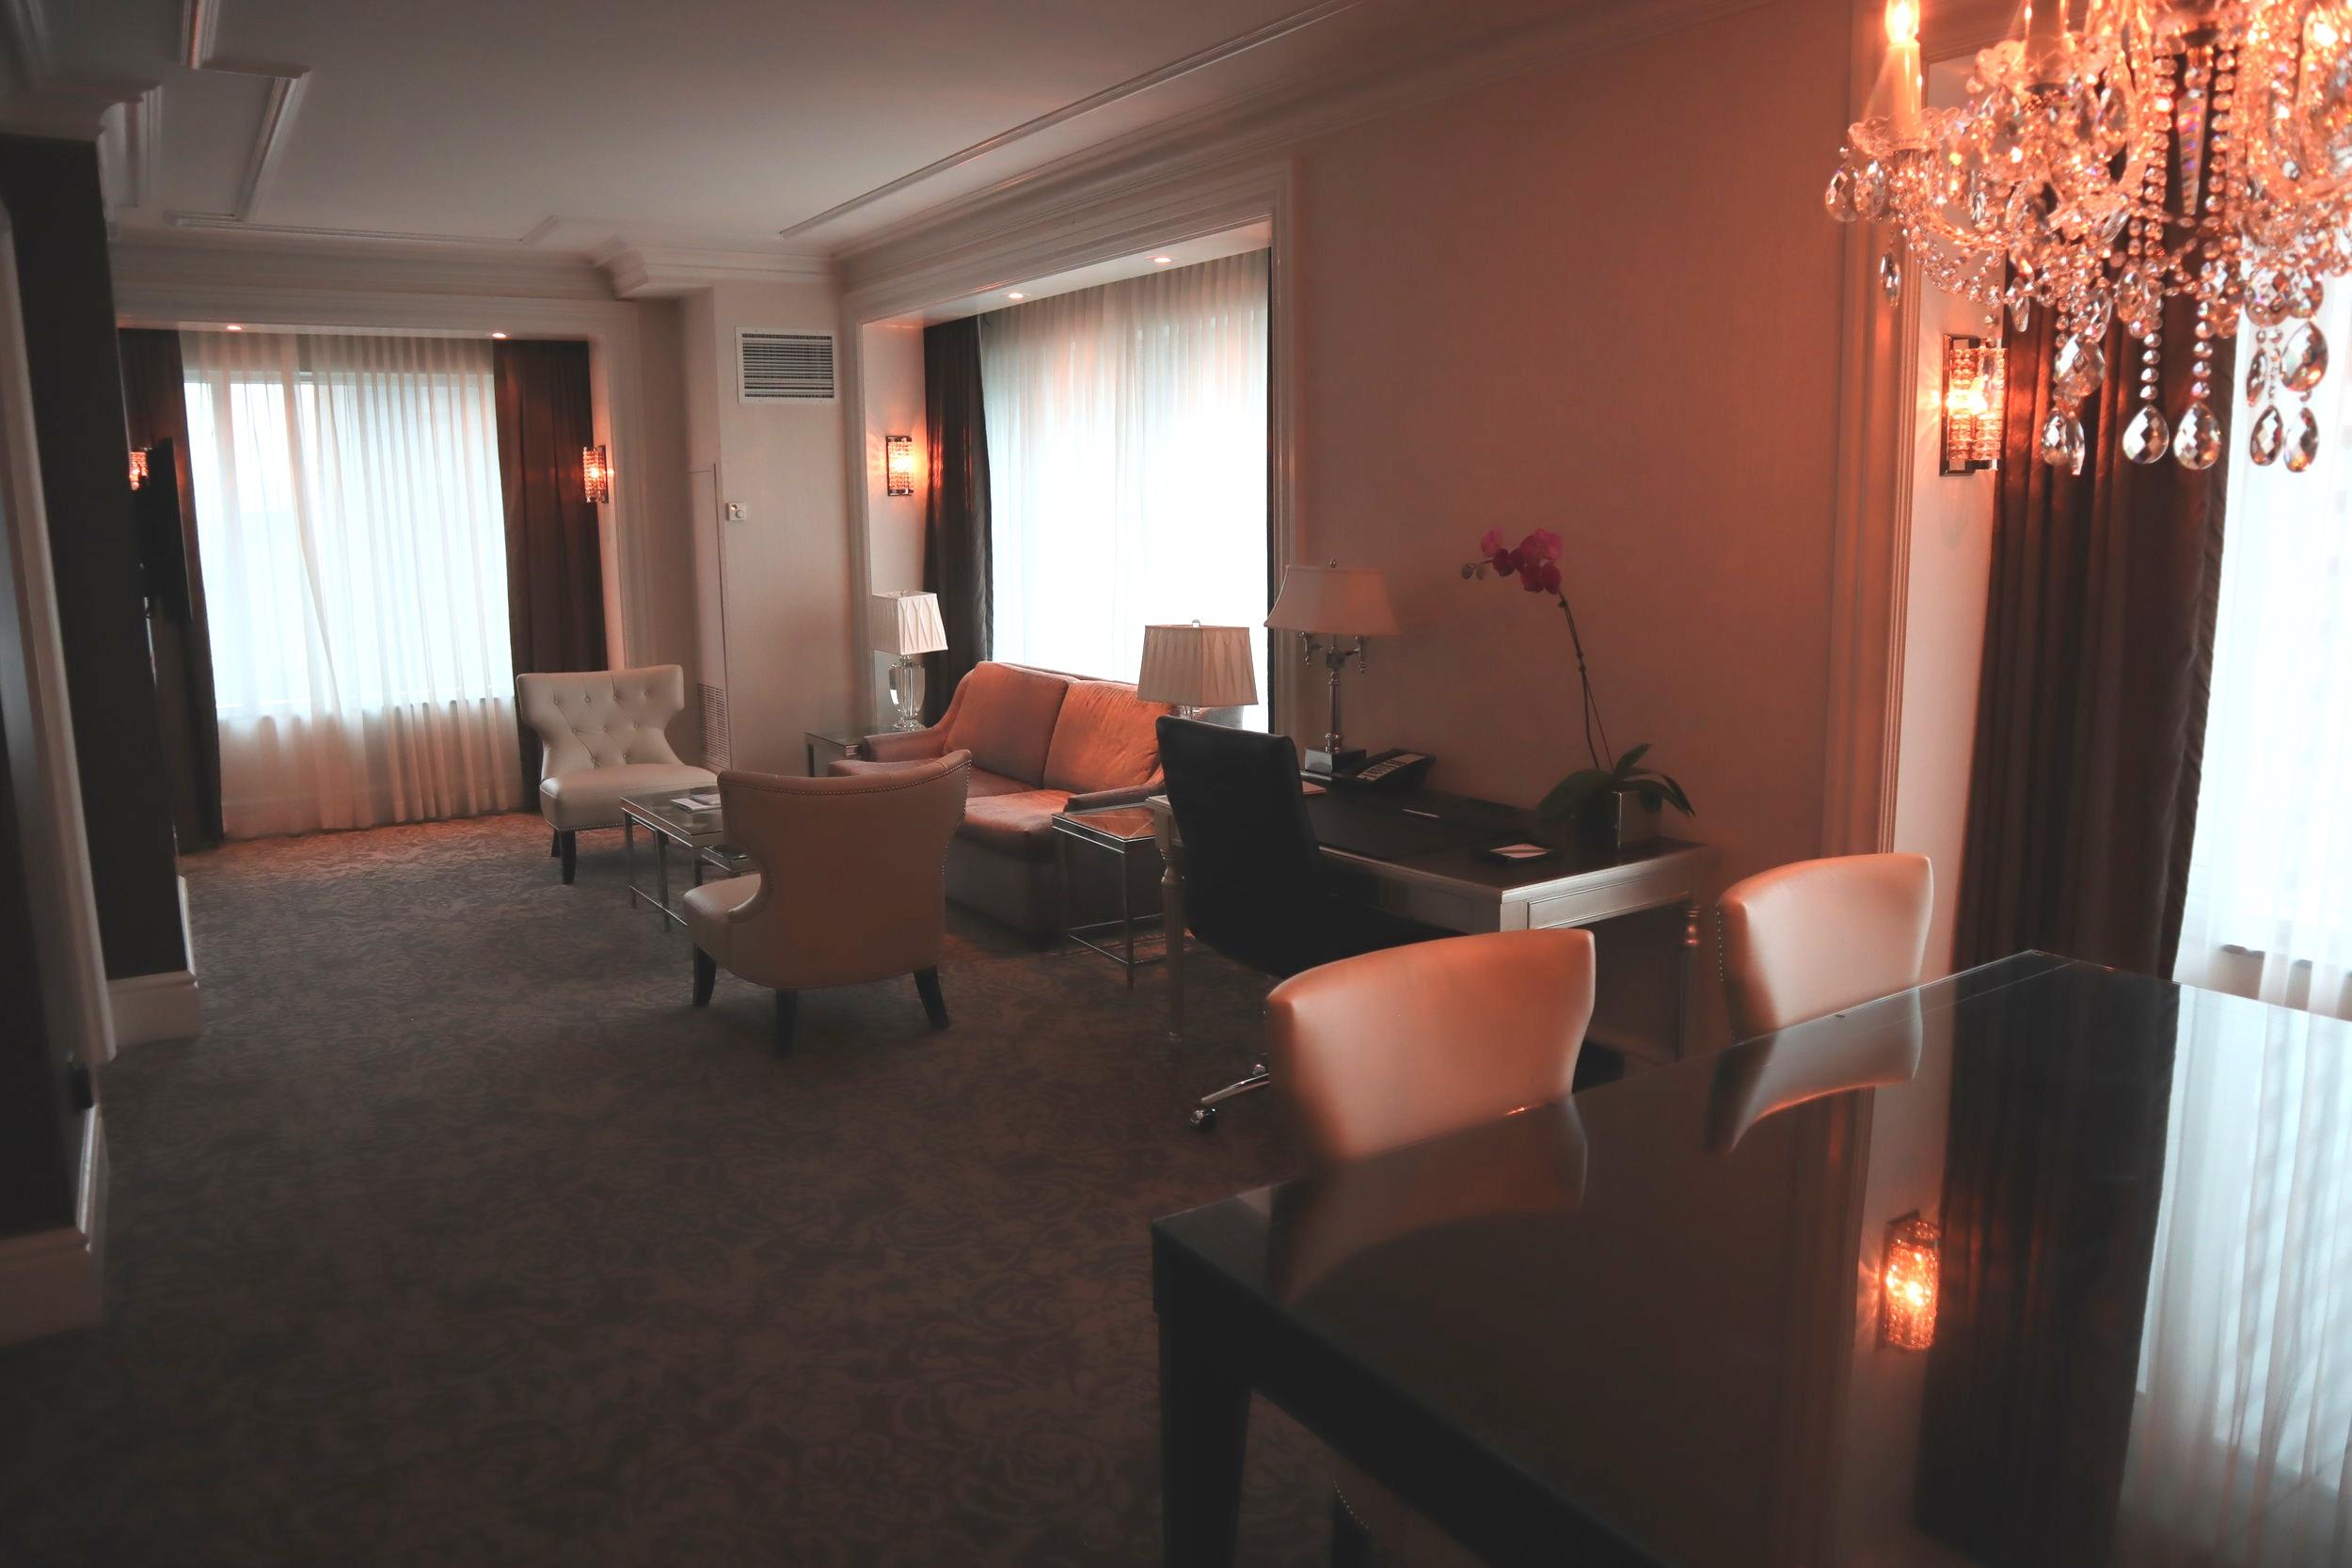 St. Regis Toronto – Two-bedroom suite living area